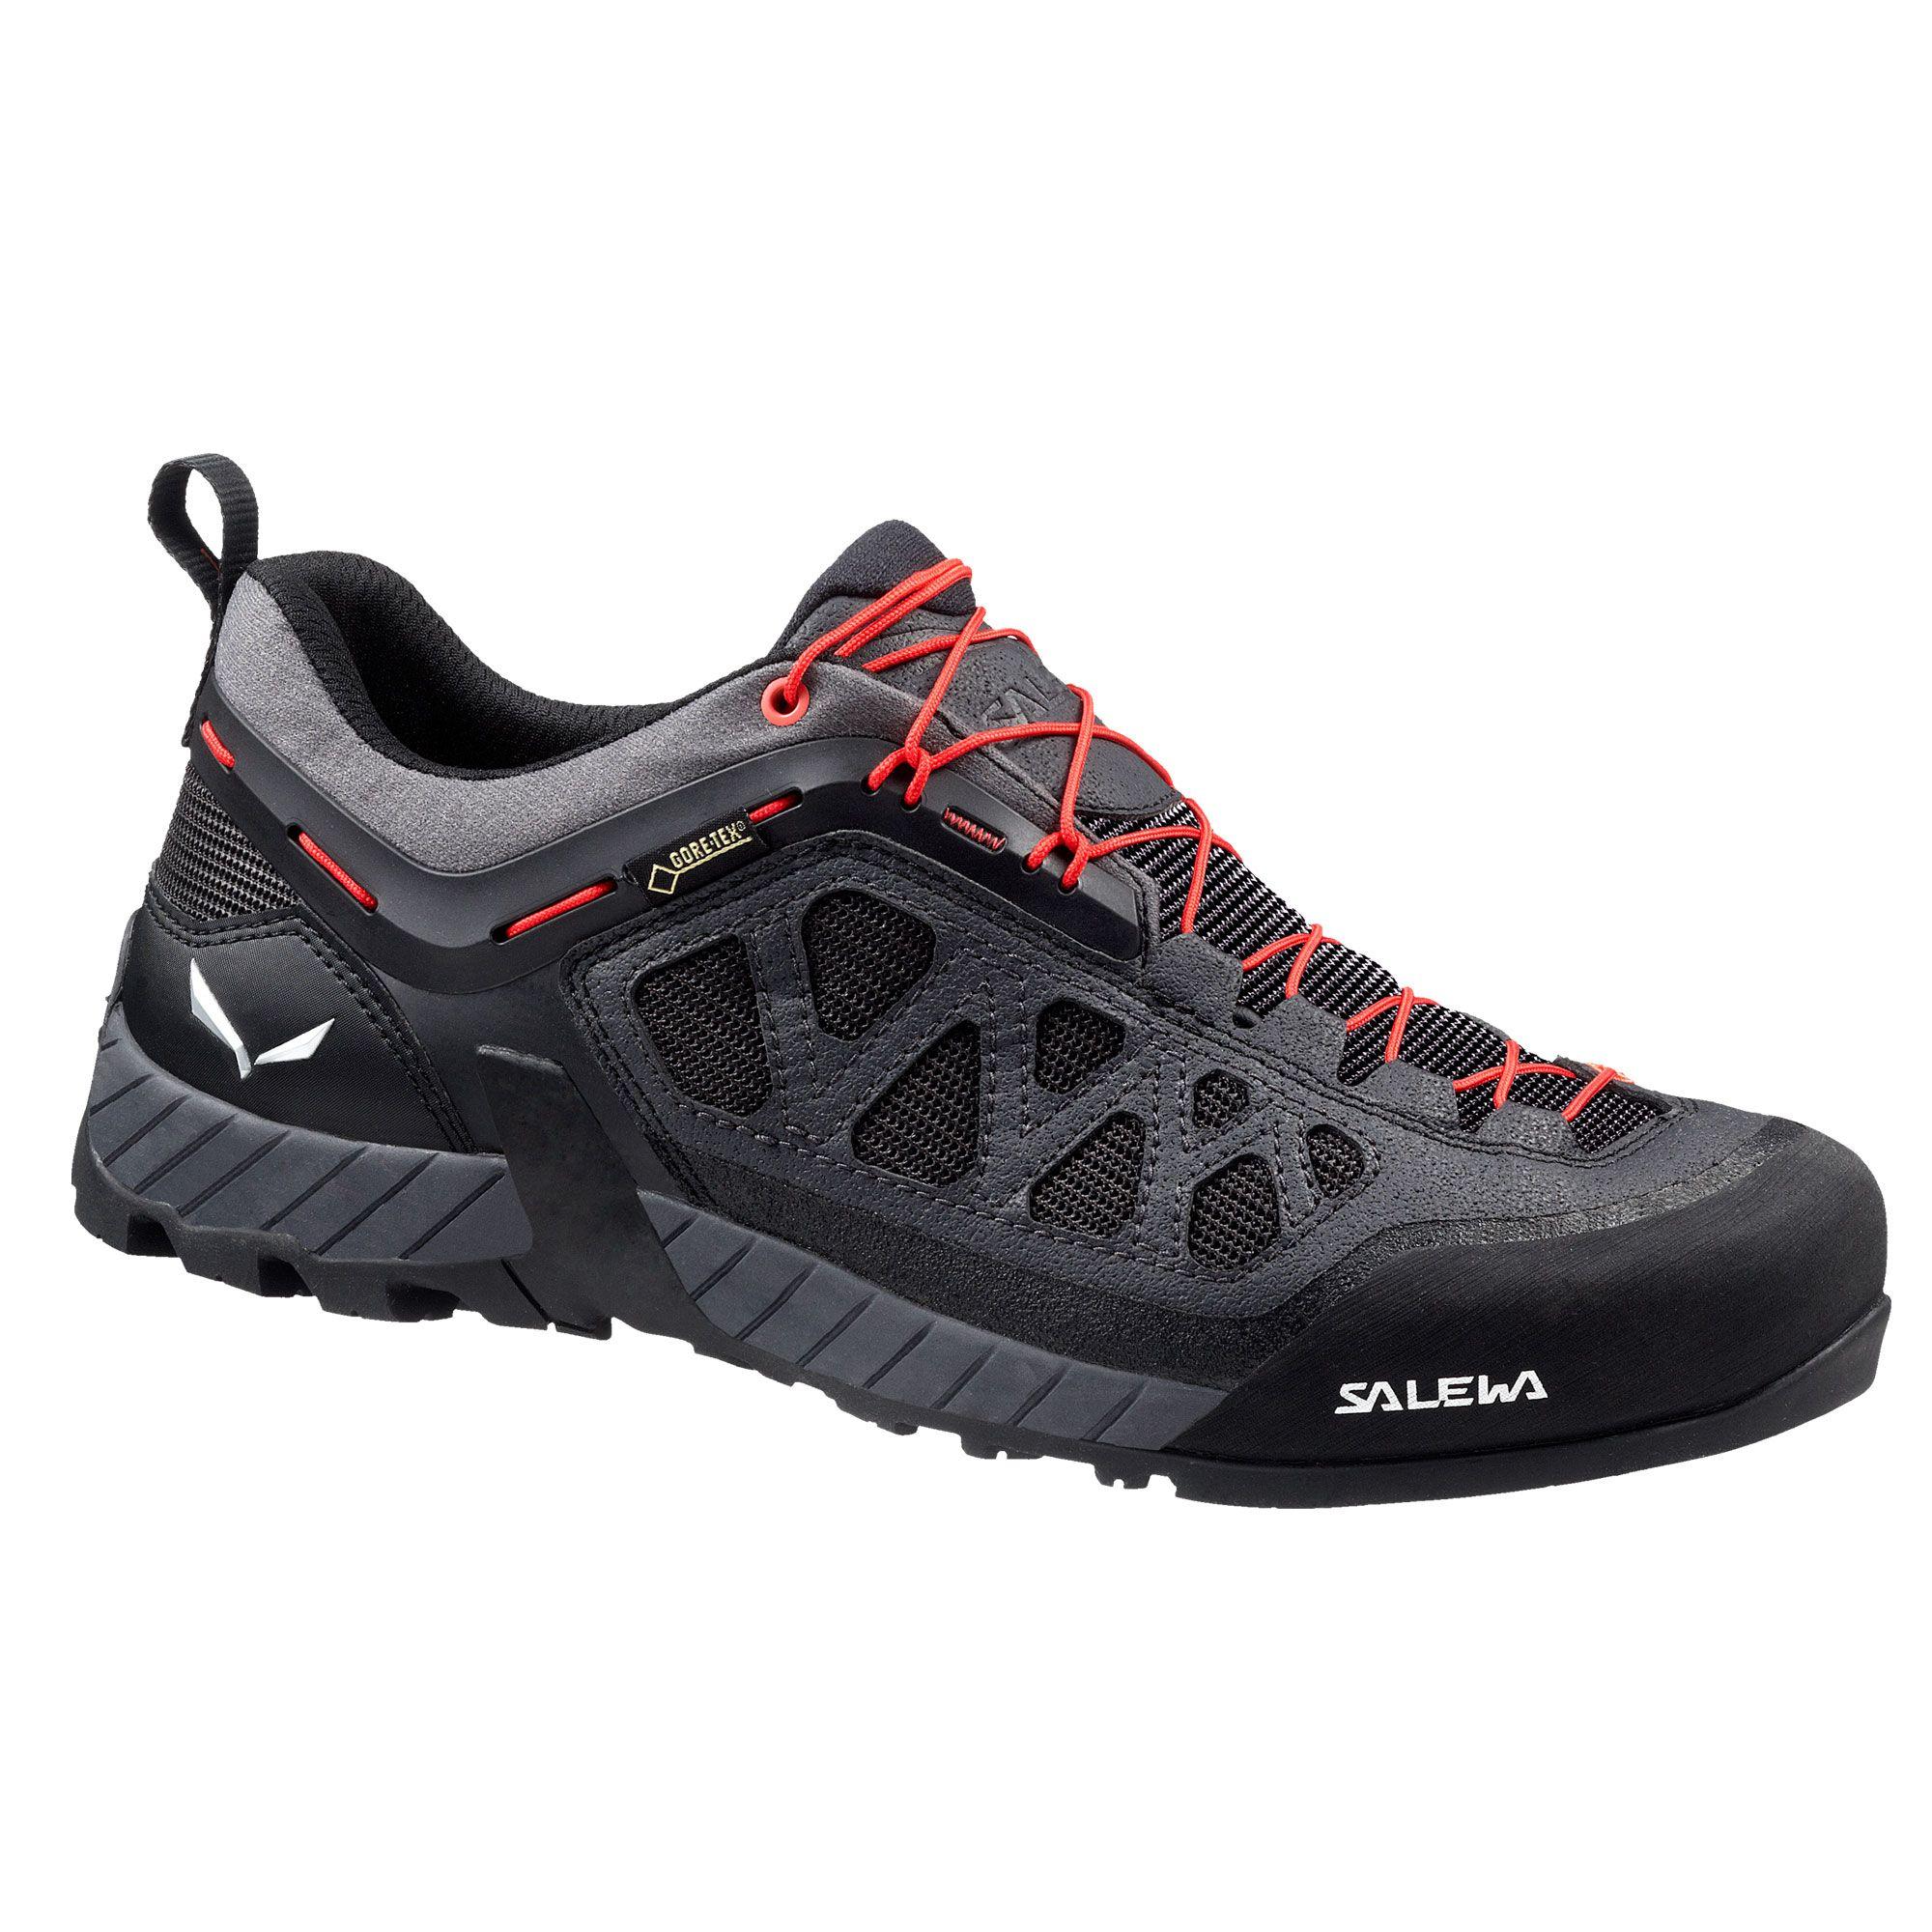 Doorout Angebote Salewa Ms Firetail 3 Gtx Wanderschuh Schwarz Herren Gr 7 5 Uk Category Schuhe Socken Herren Qu Shoes Sport Shoes Design Men S Shoes